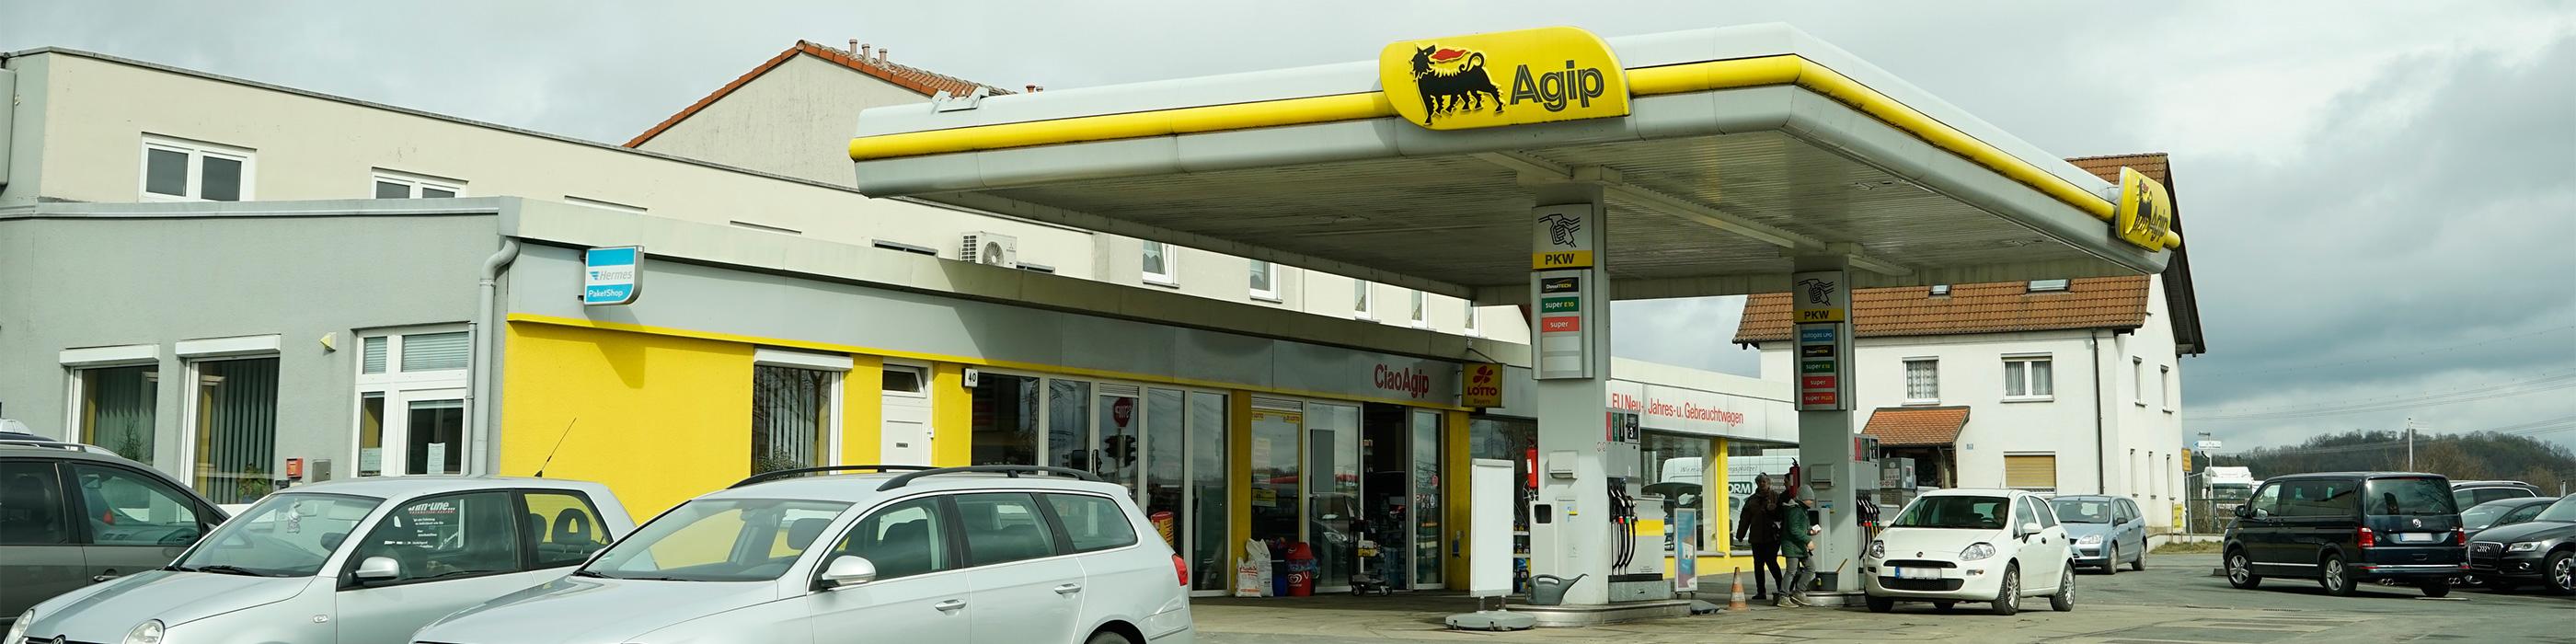 Autohaus Leikeim Marktzeuln Agip Tankstelle